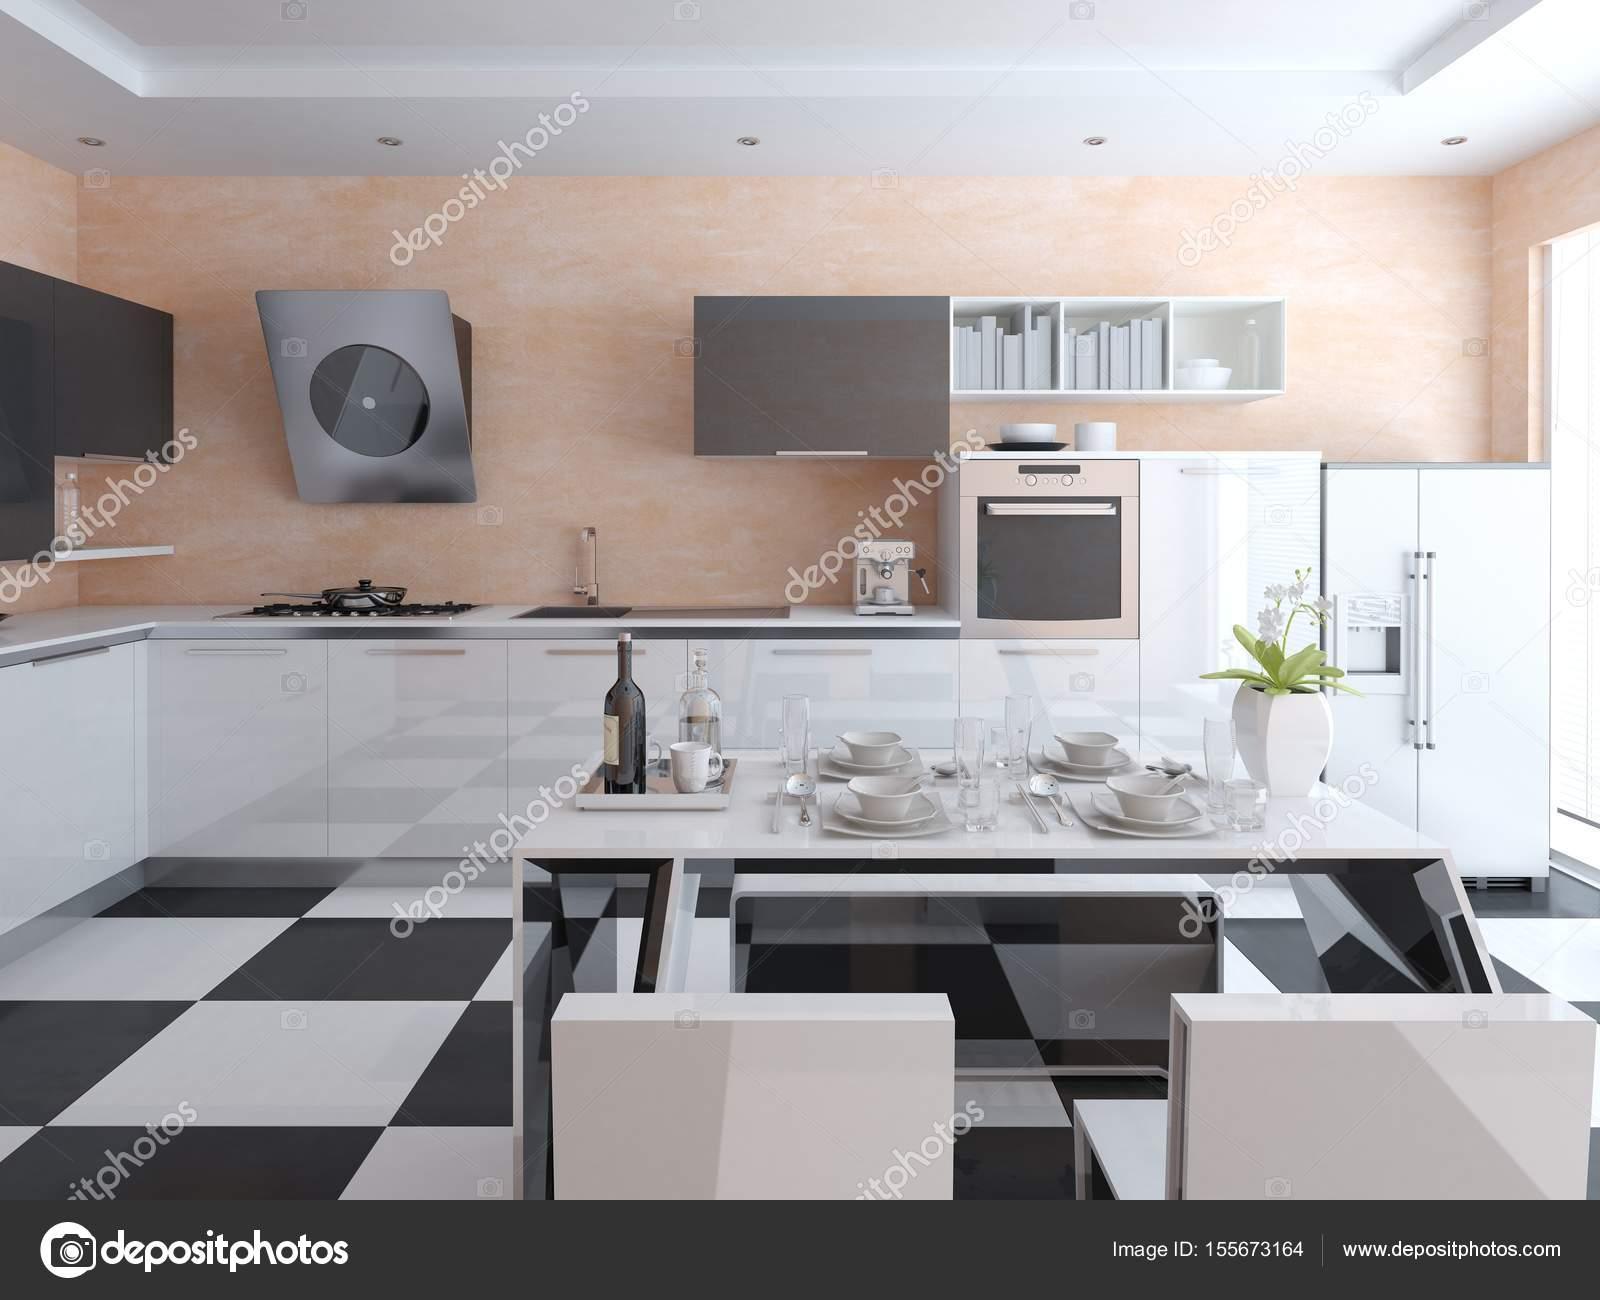 Cucina hi-tech con mobili alla moda — Foto Stock © wodoplyasov ...